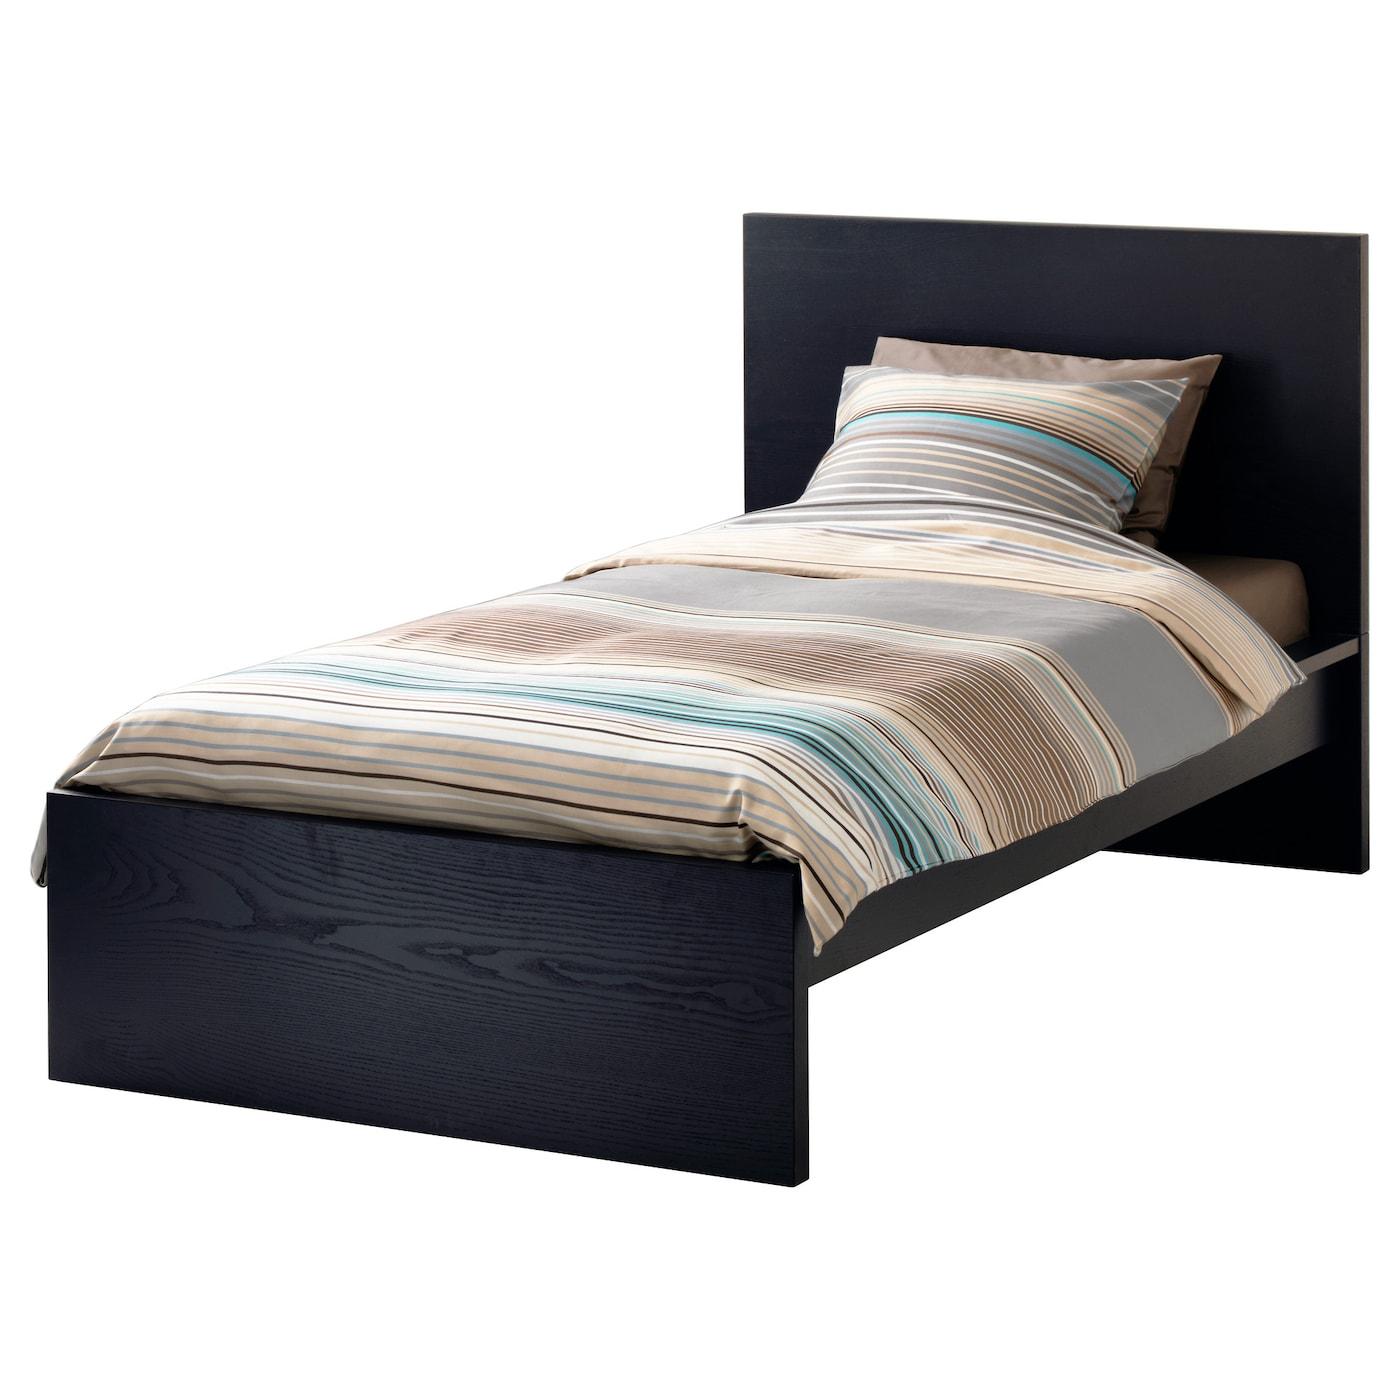 malm bed frame high black brown leirsund standard single ikea. Black Bedroom Furniture Sets. Home Design Ideas